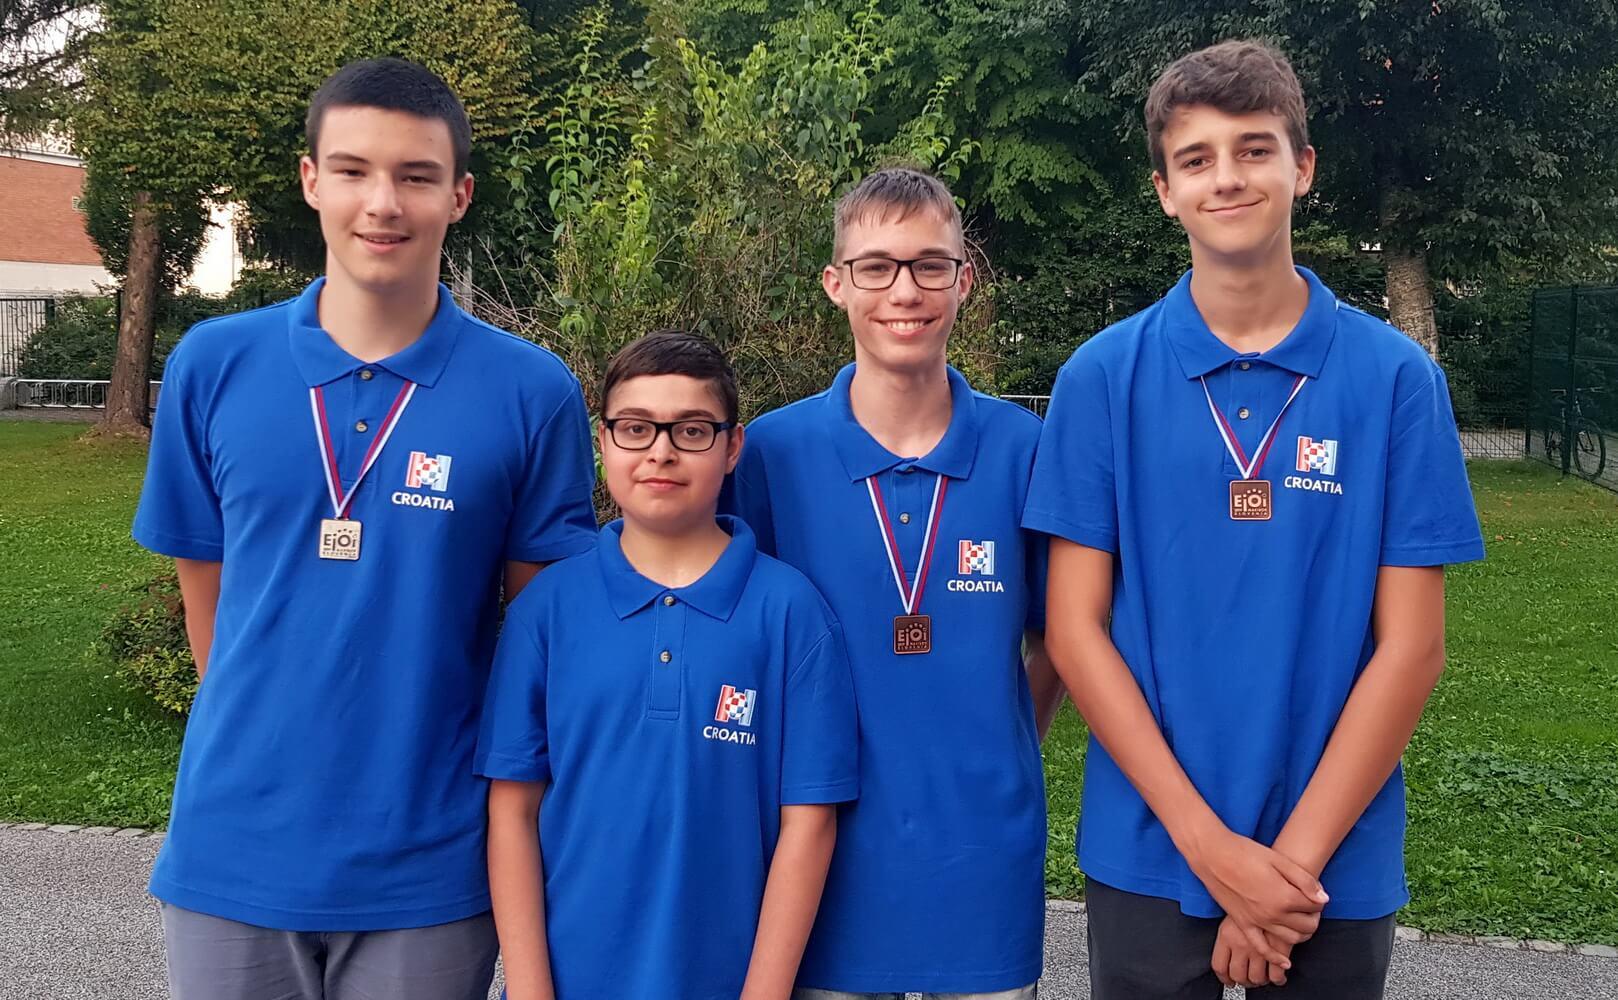 Mladi informatičari odnijeli srebro i dvije bronce na Europskoj juniorskoj informatičkoj olimpijadi